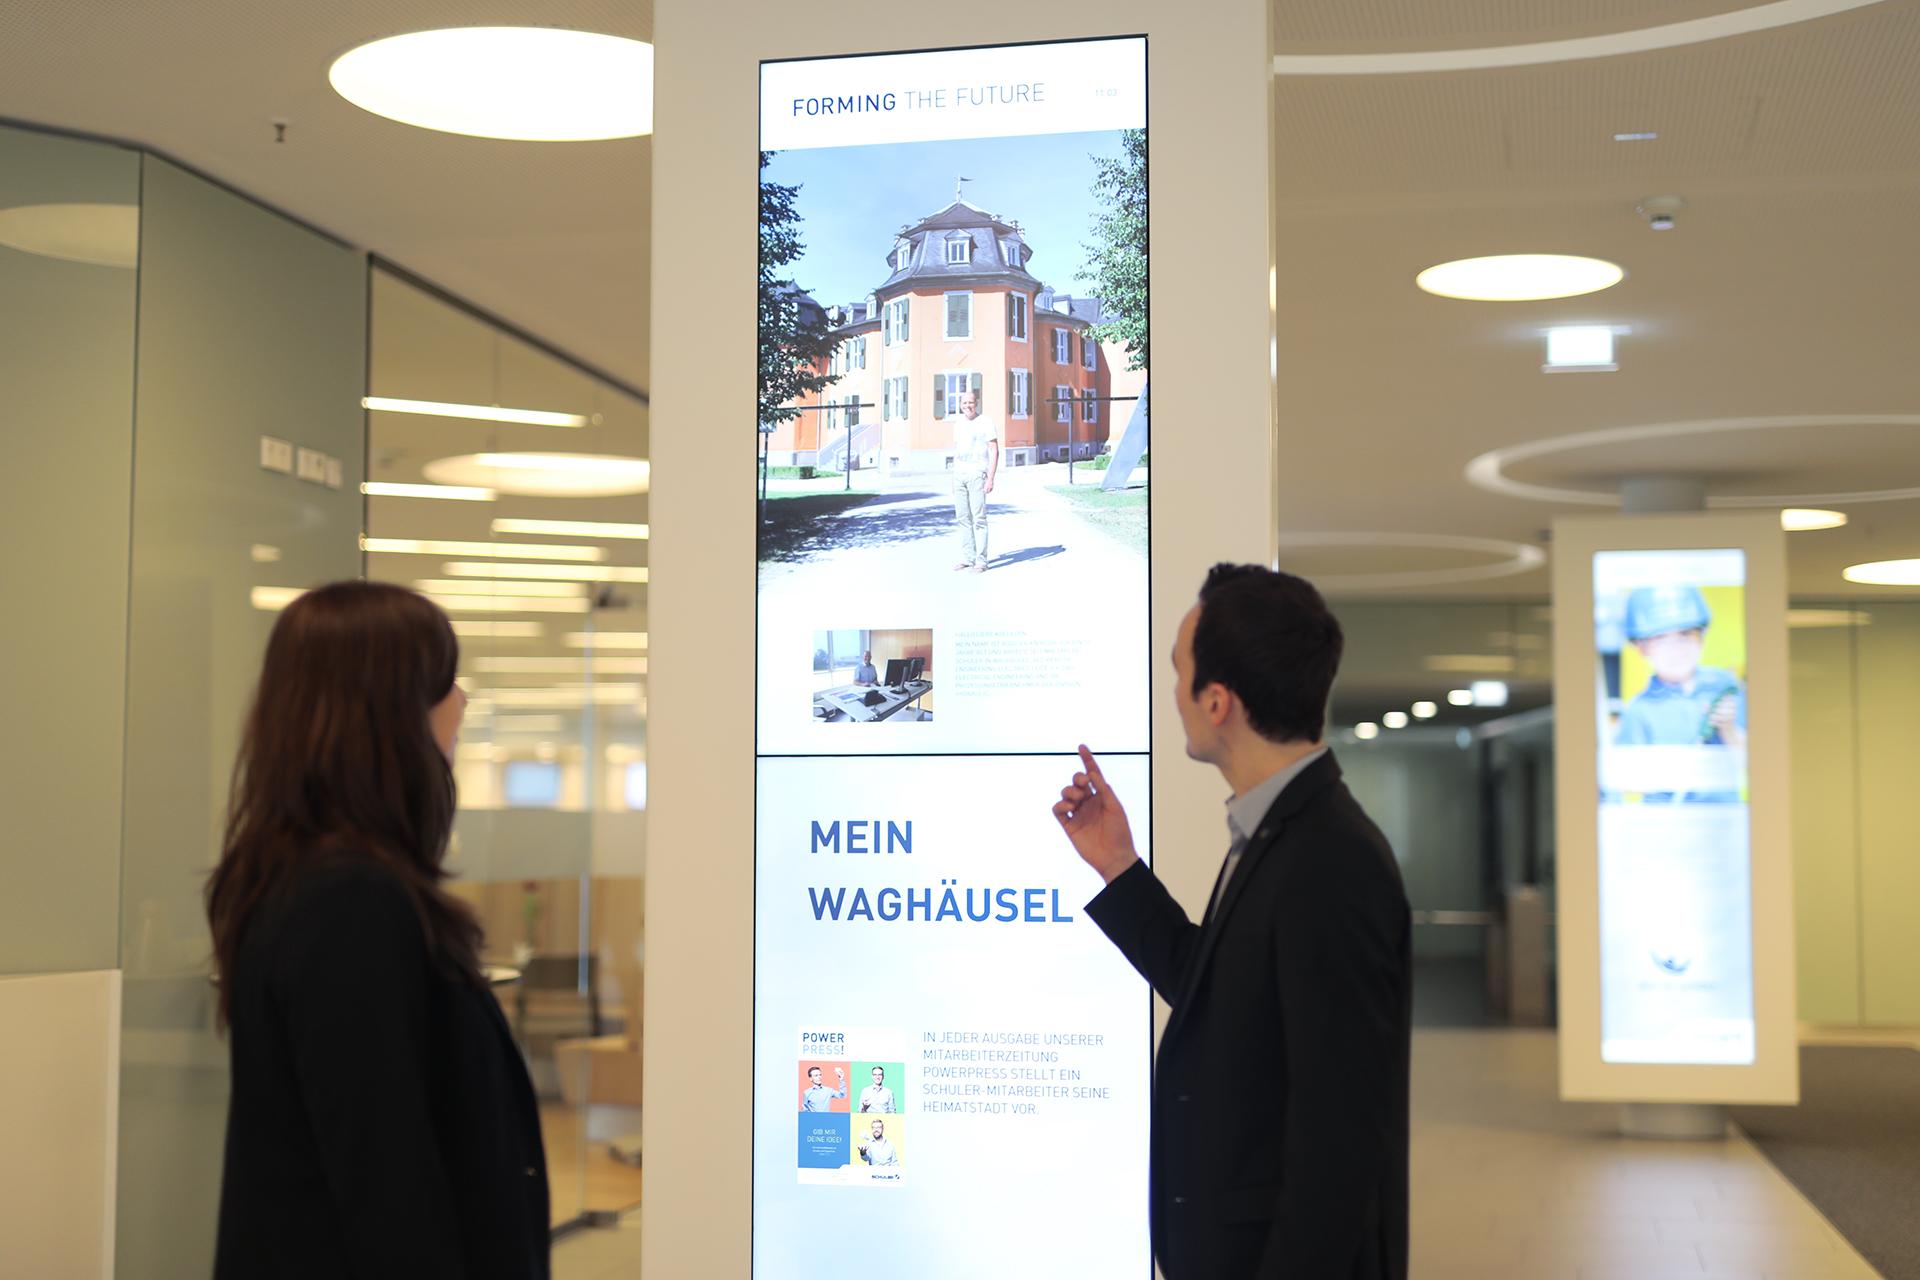 Im Gebäude informieren Bildschirmstelen Besucher und Mitarbeiter über aktuelle Themen aus den verschiedenen Niederlassungen, Pressemitteilungen, Wetter- und Verkehrsnachrichten oder über Sonderthemen wie Arbeitssicherheit.